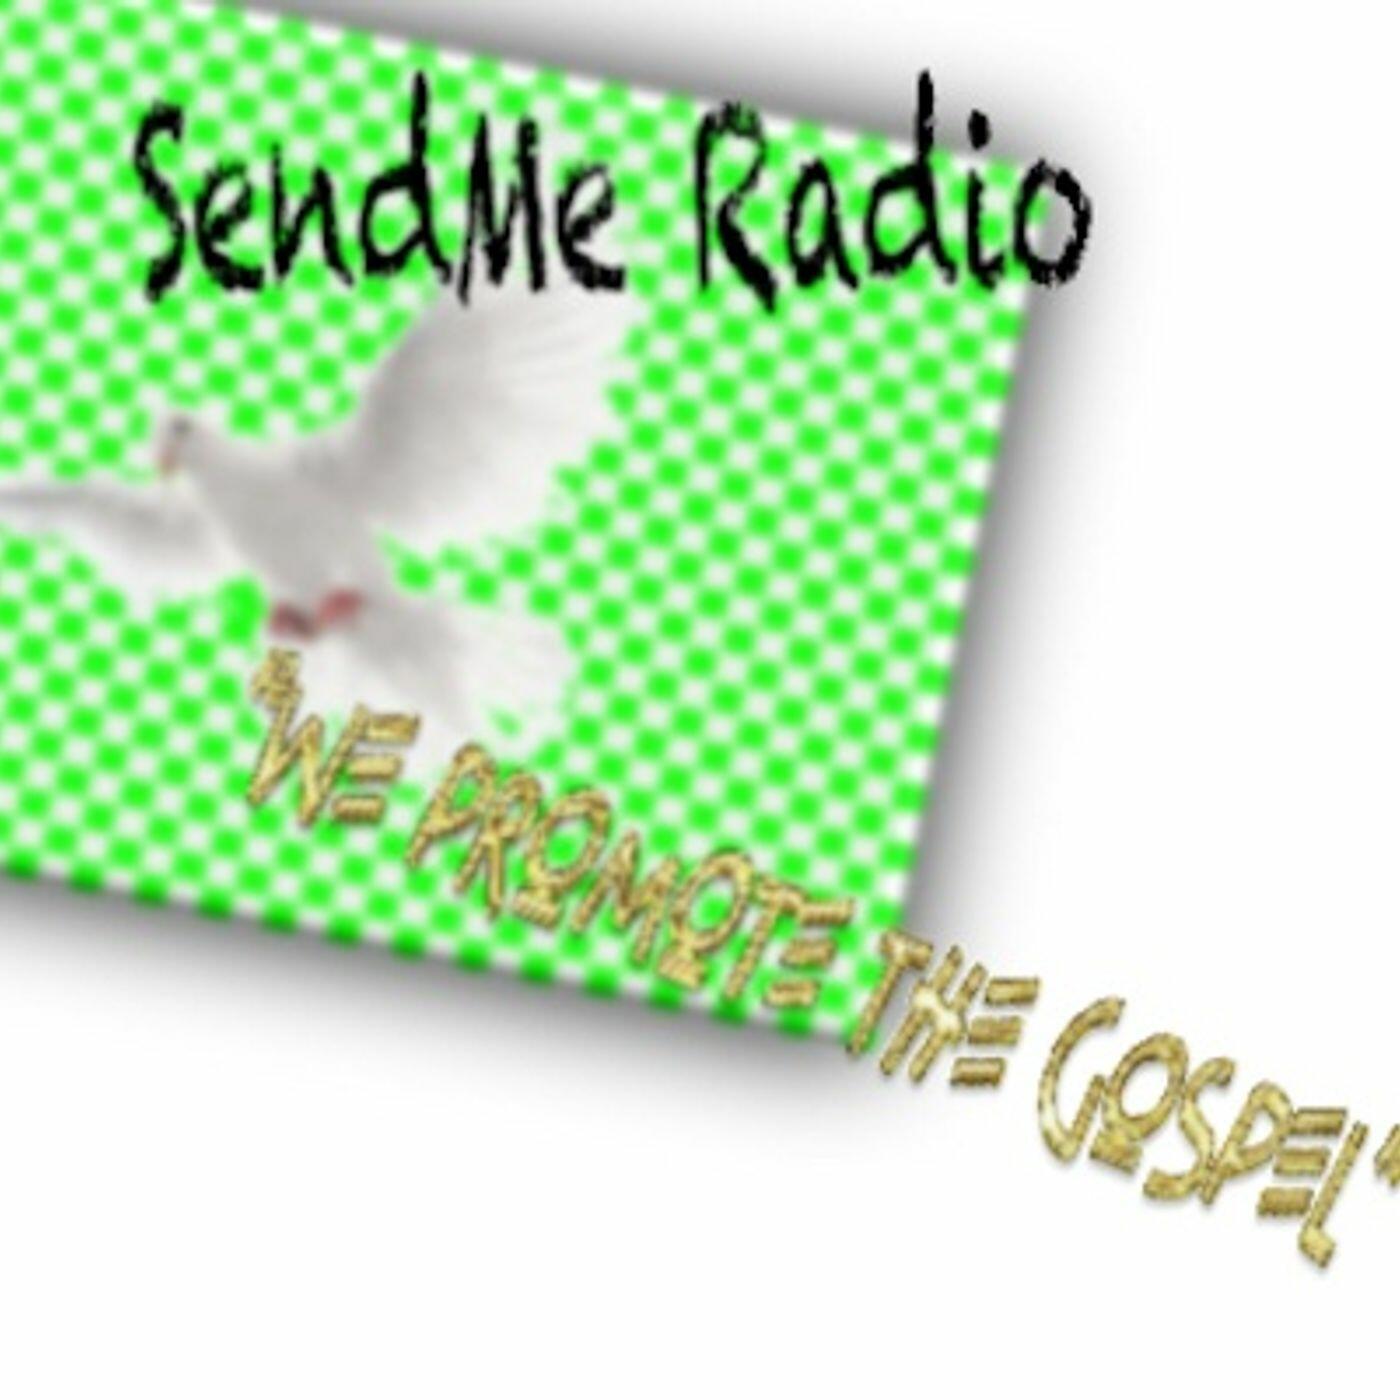 SendMe Radio